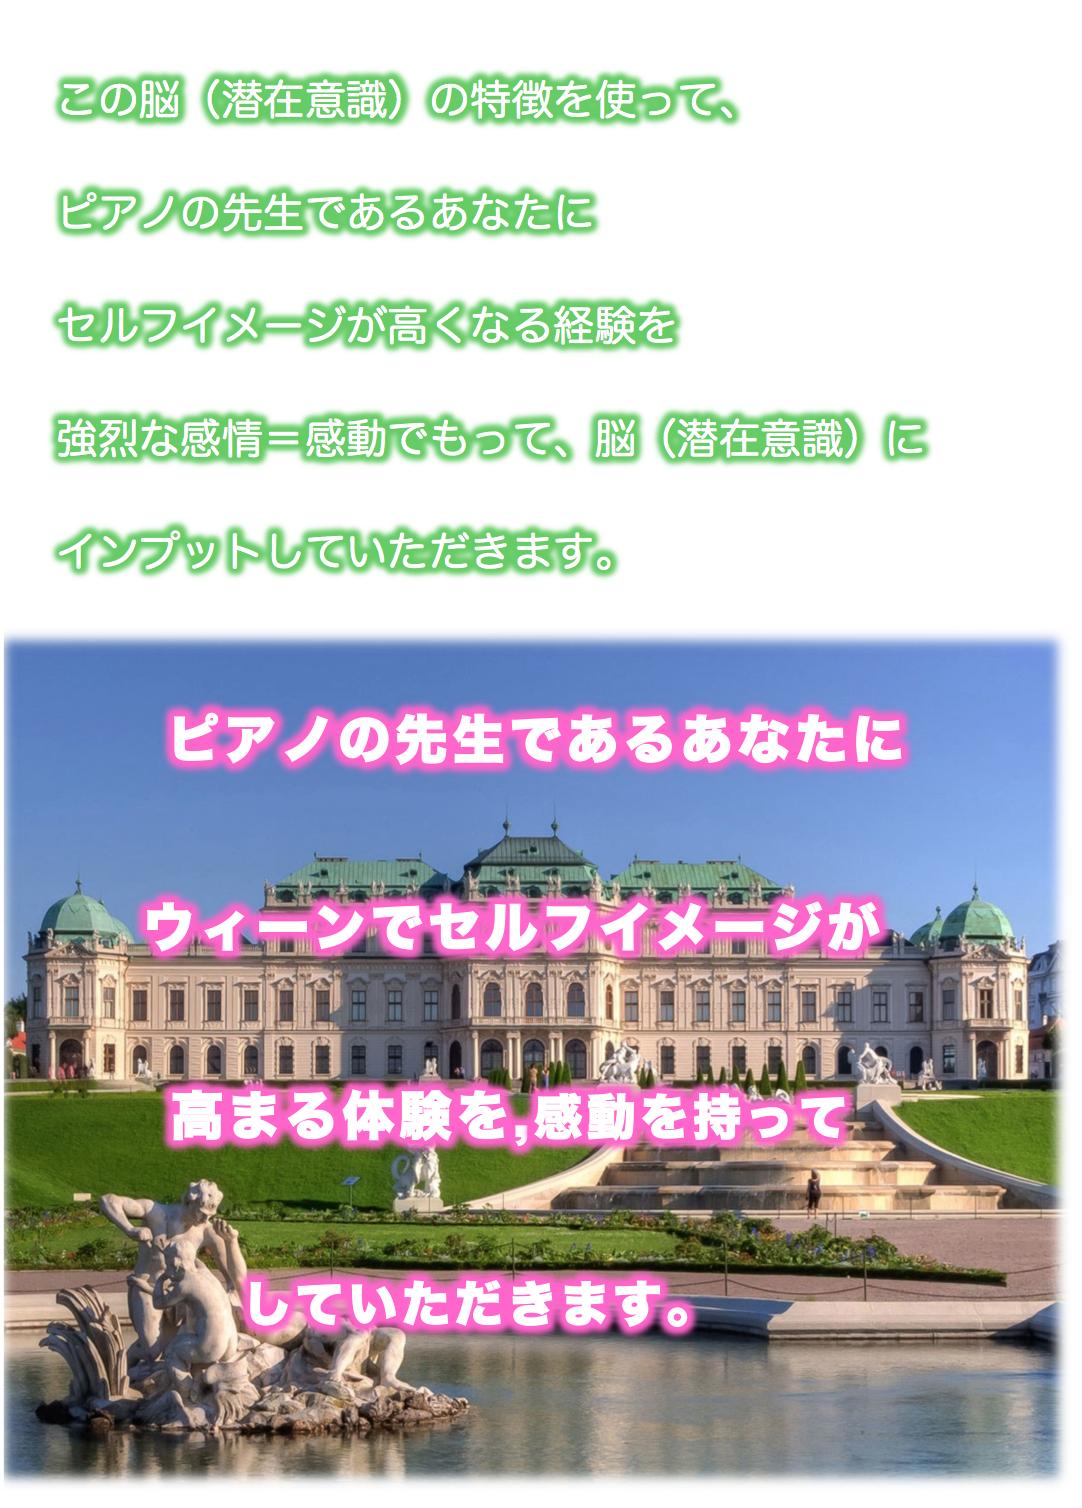 スクリーンショット 2015-11-28 21.07.29